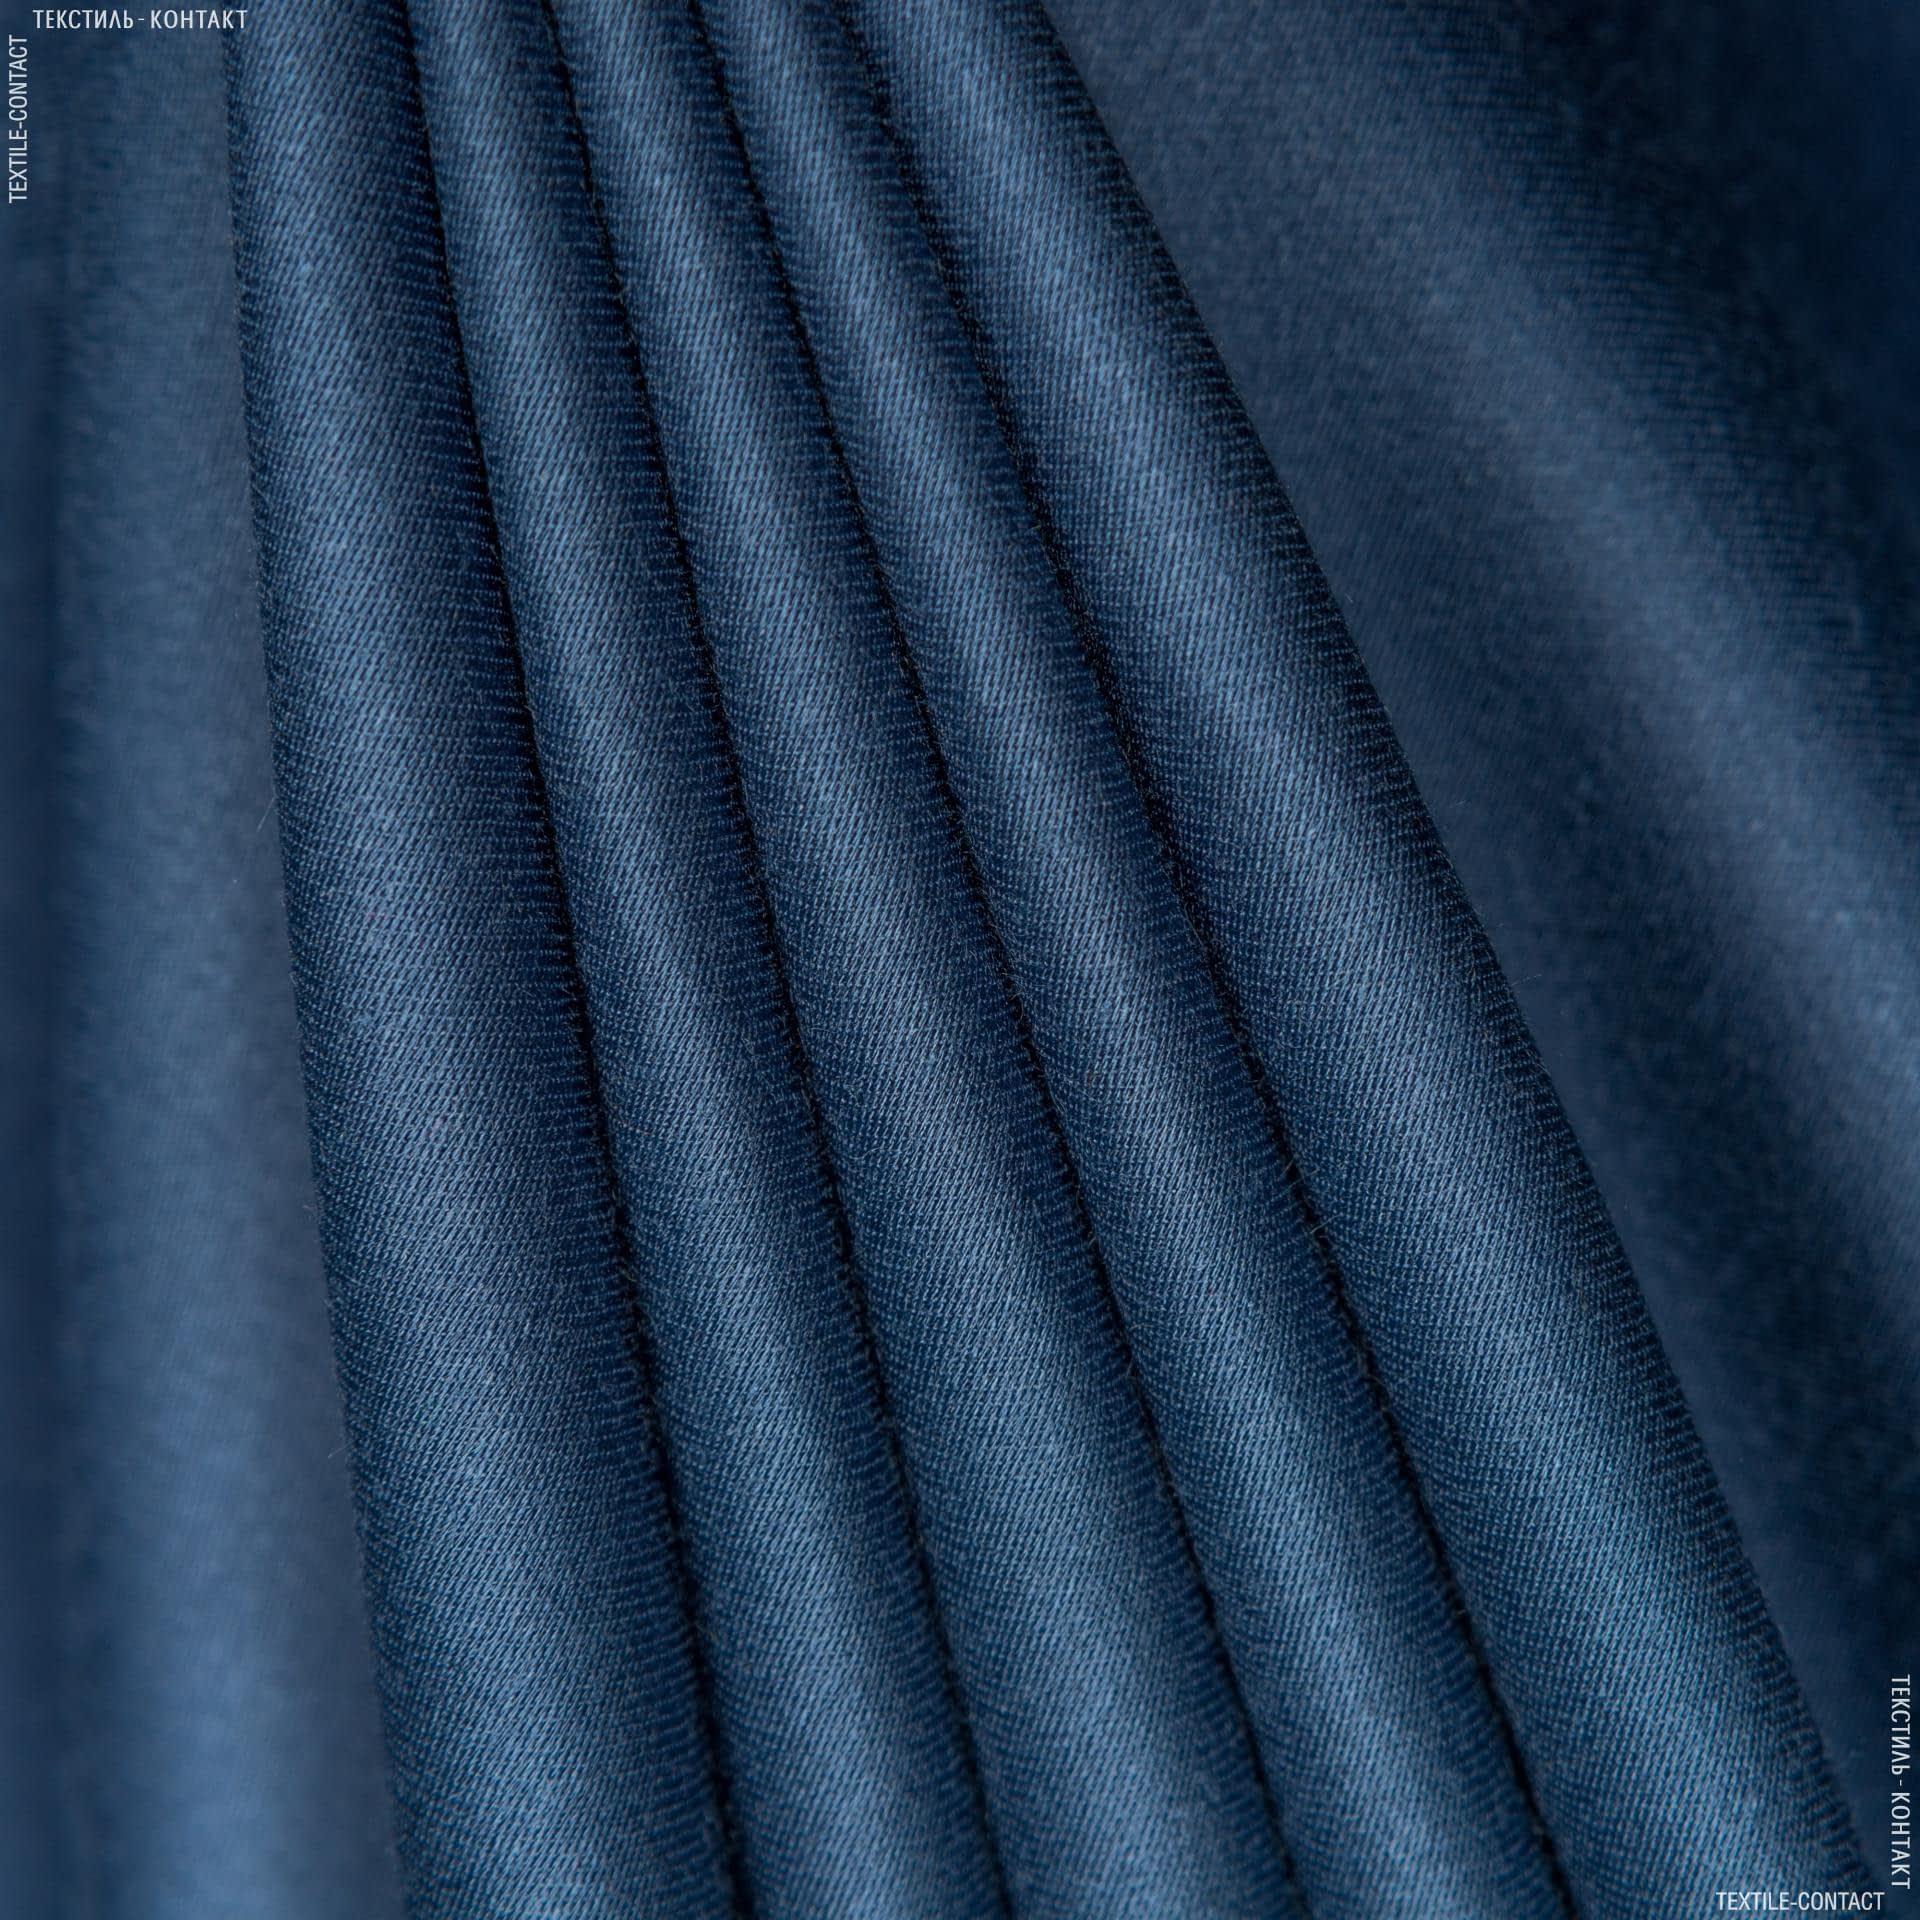 Тканини для костюмів - Костюмний сатин віскозний сіро-синій